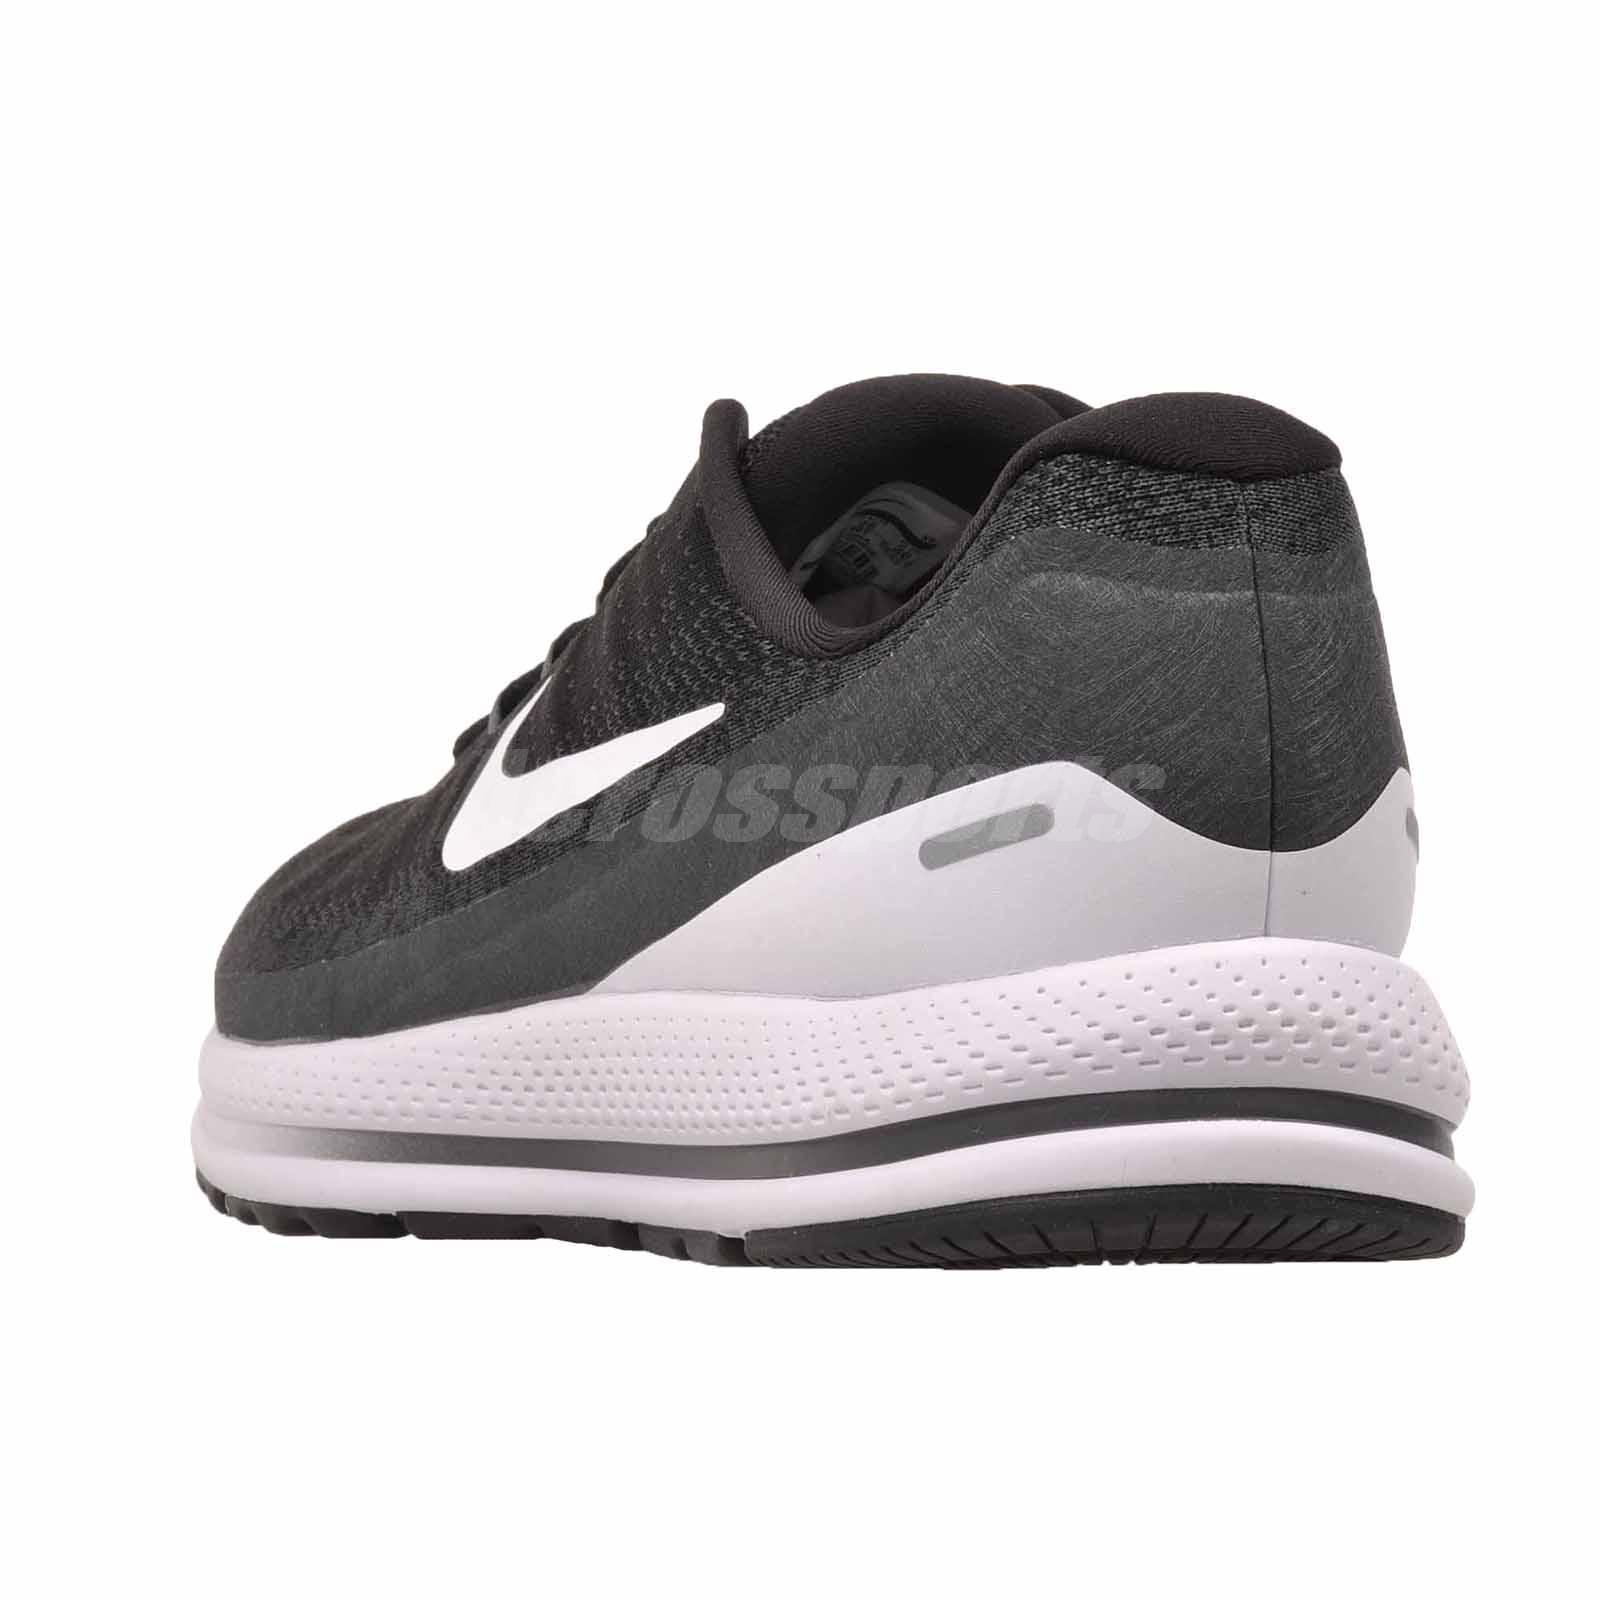 73230b8aeb8 Nike Air Zoom Vomero 13 (4E) Running Mens Shoes Wide Black White ...